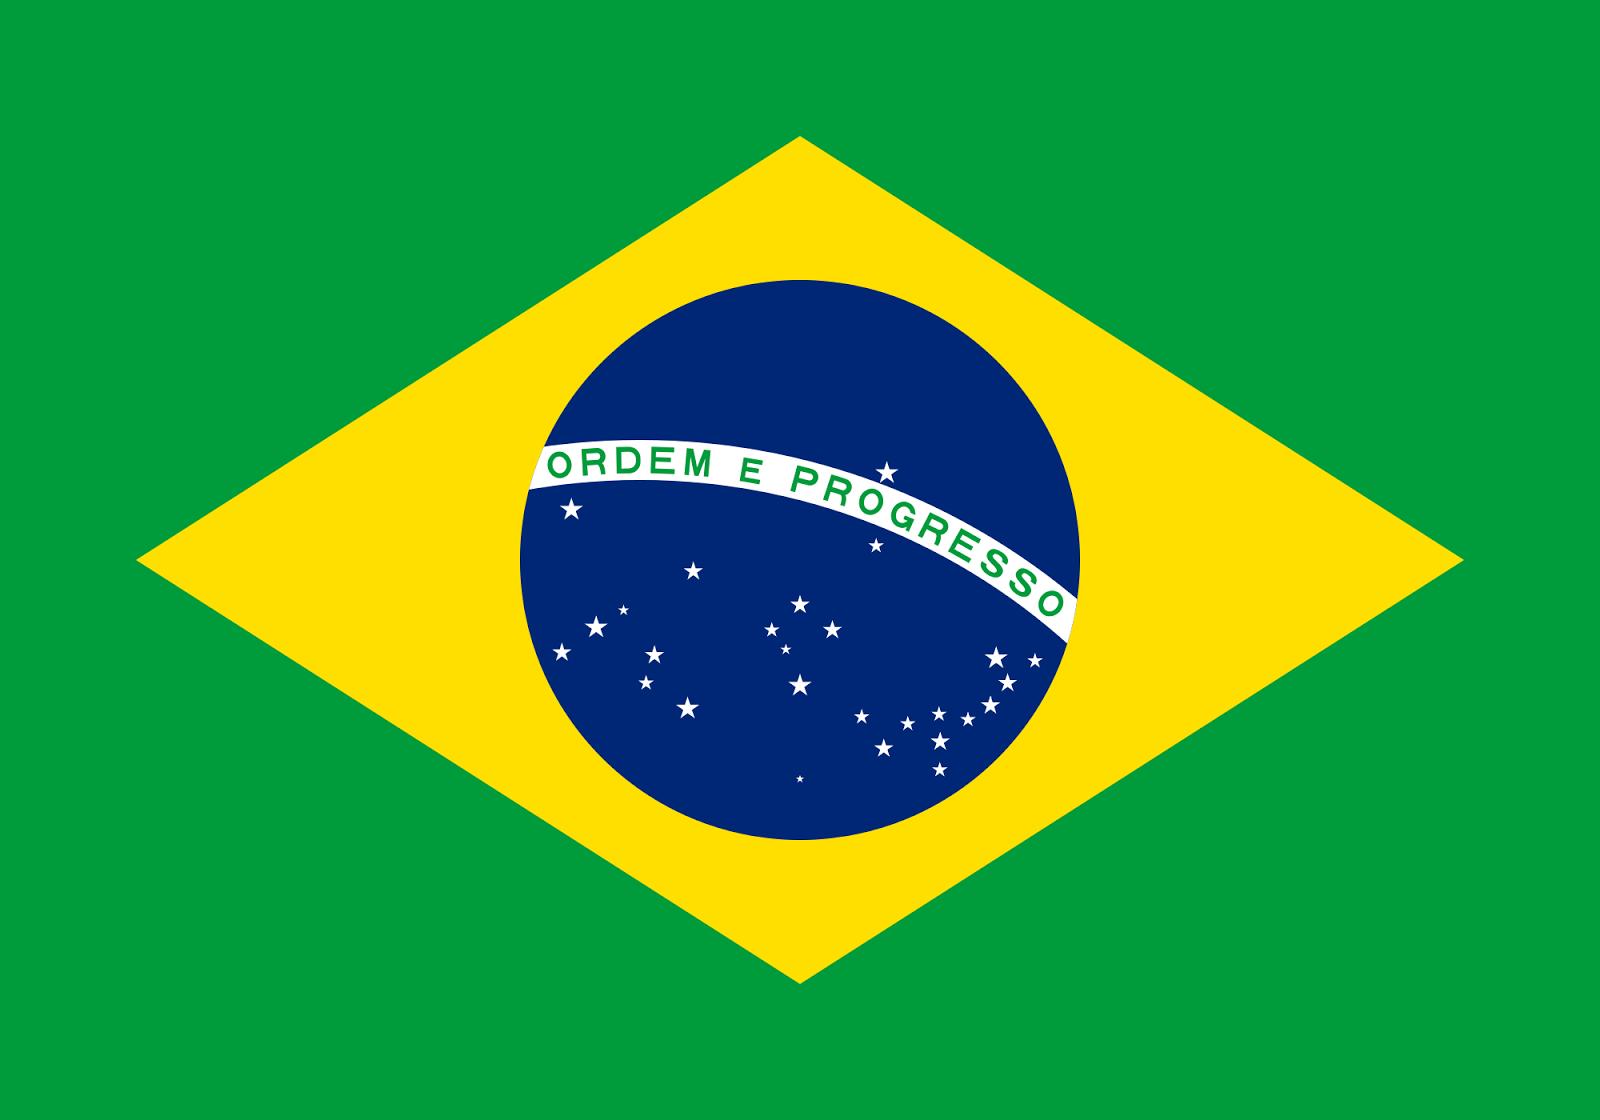 Fotos, Curiosidades, Comunicação, Jornalismo, Marketing, Propaganda, Mídia Interessante 4cecb-flag_of_brazil-svg Brasil em números (Estadão) Internet Vídeos